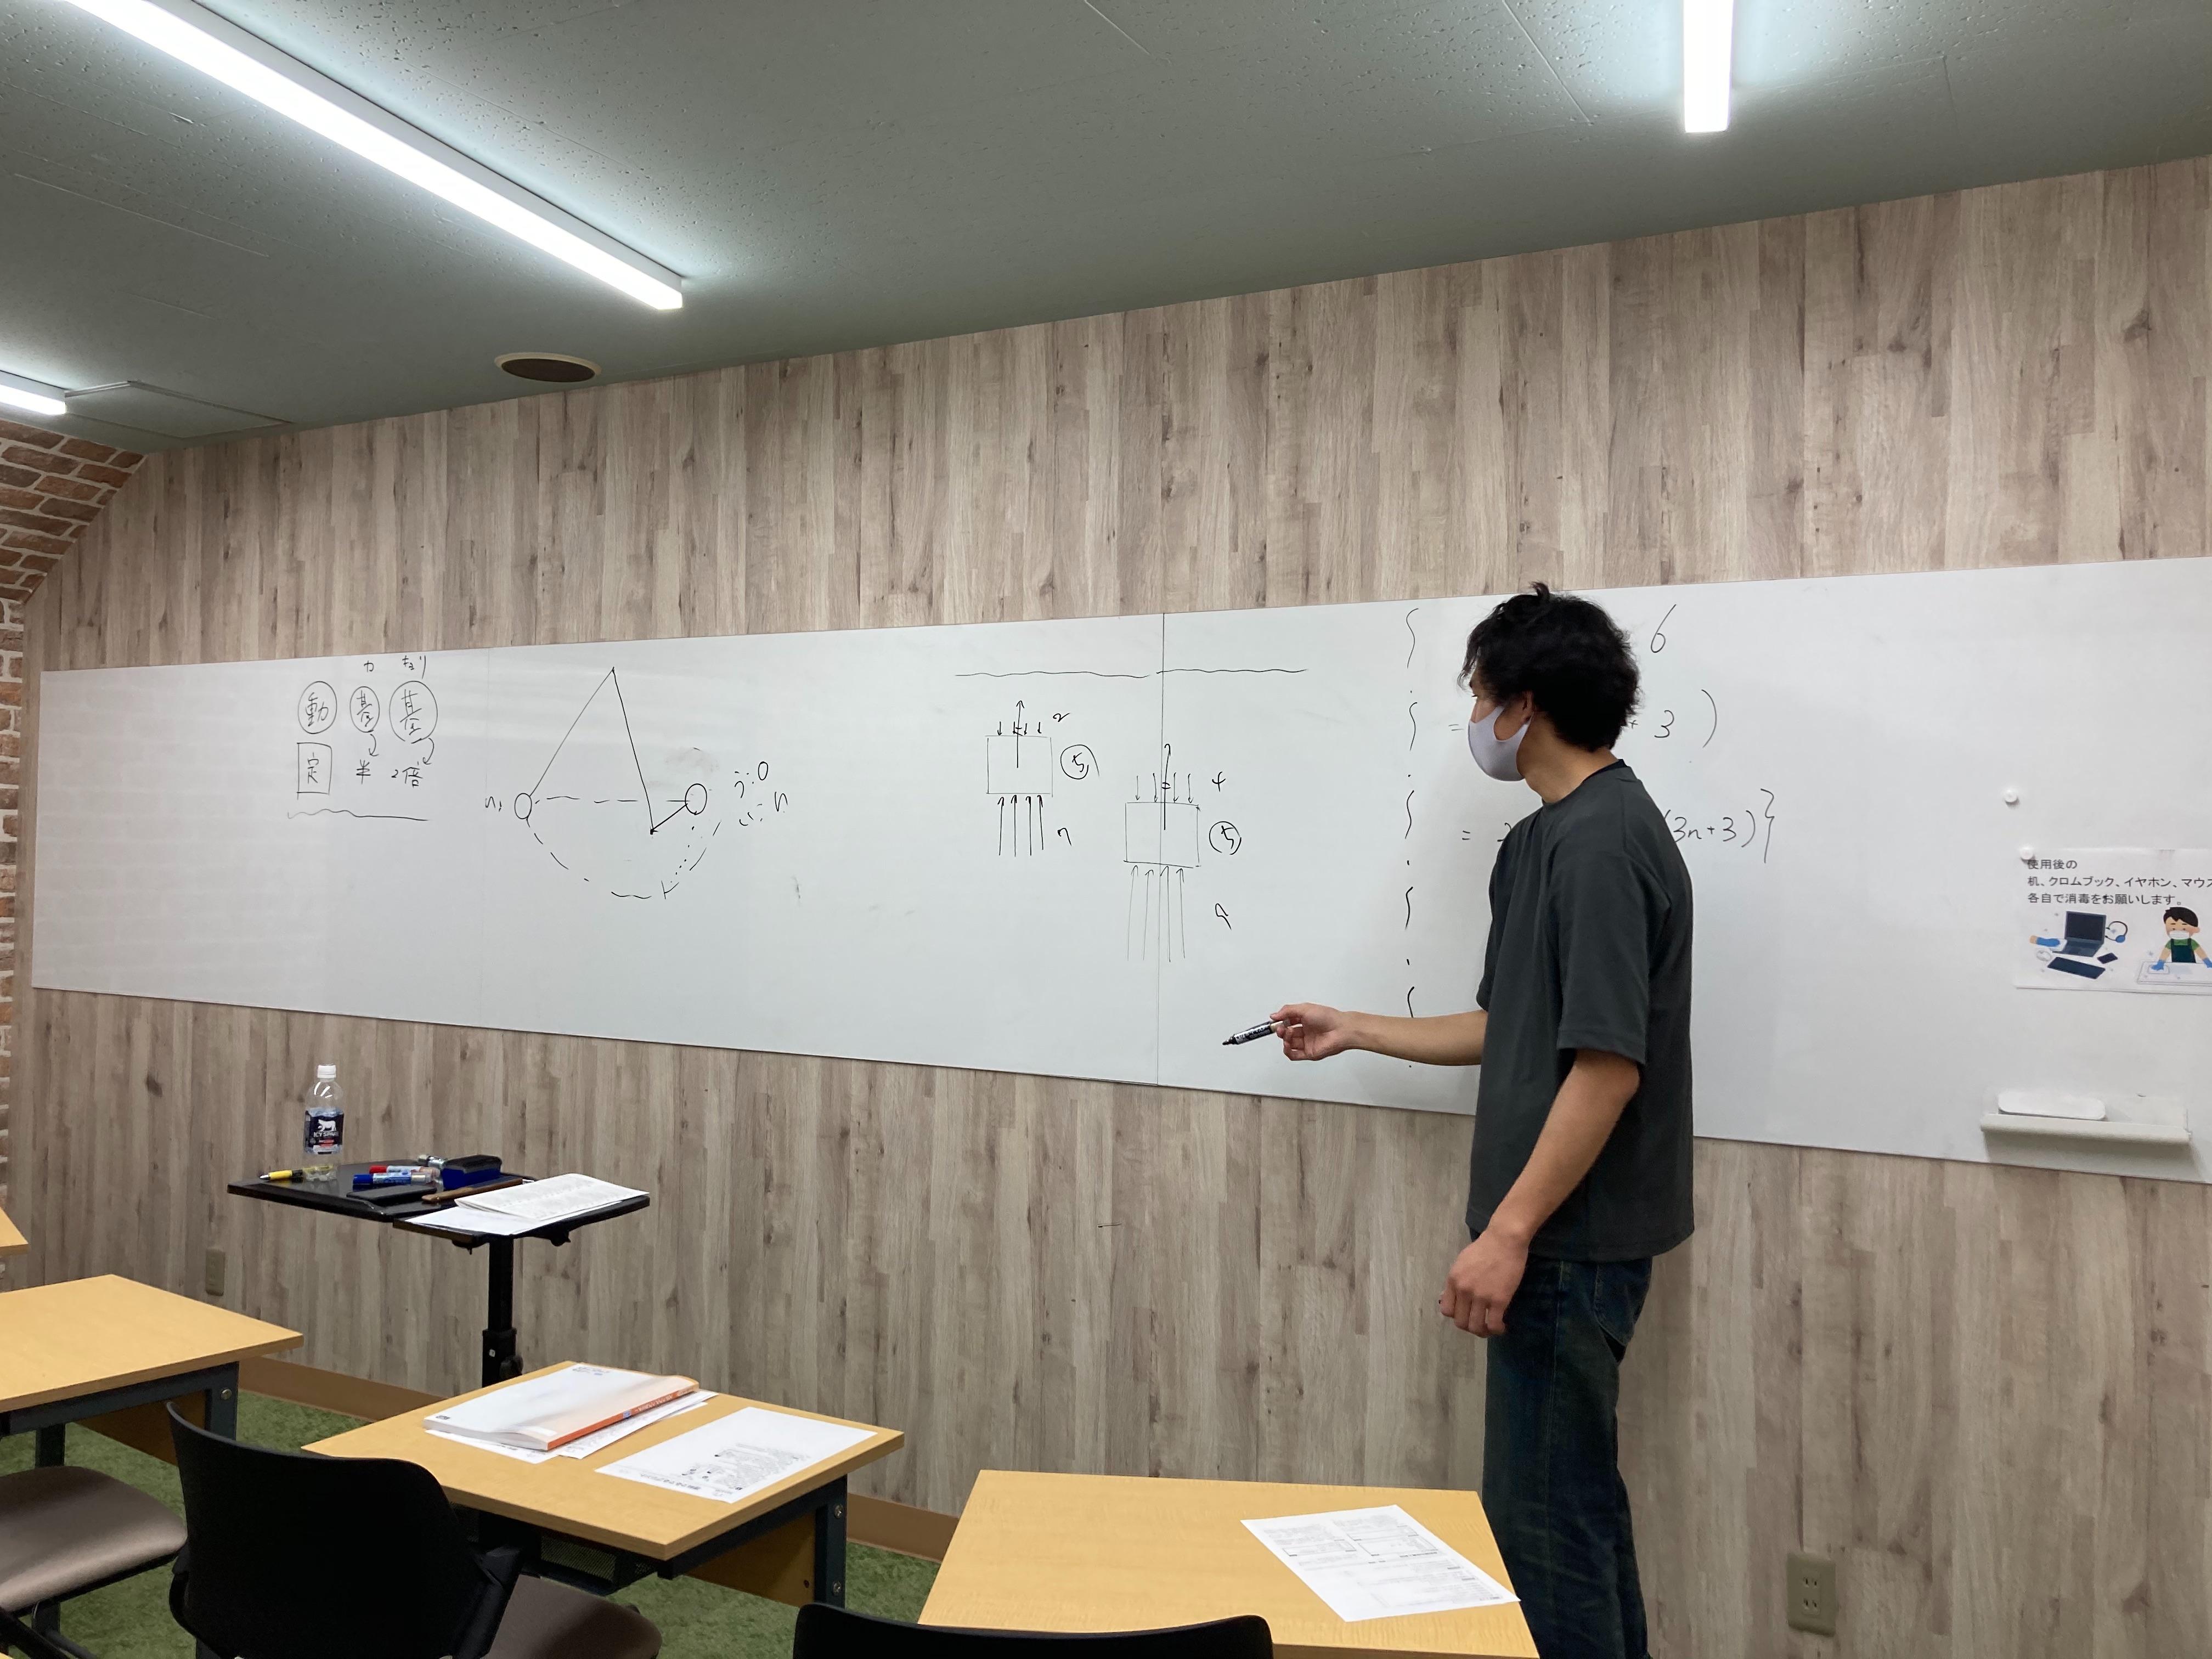 f:id:TeachforFUKUOKA:20210617003011j:image